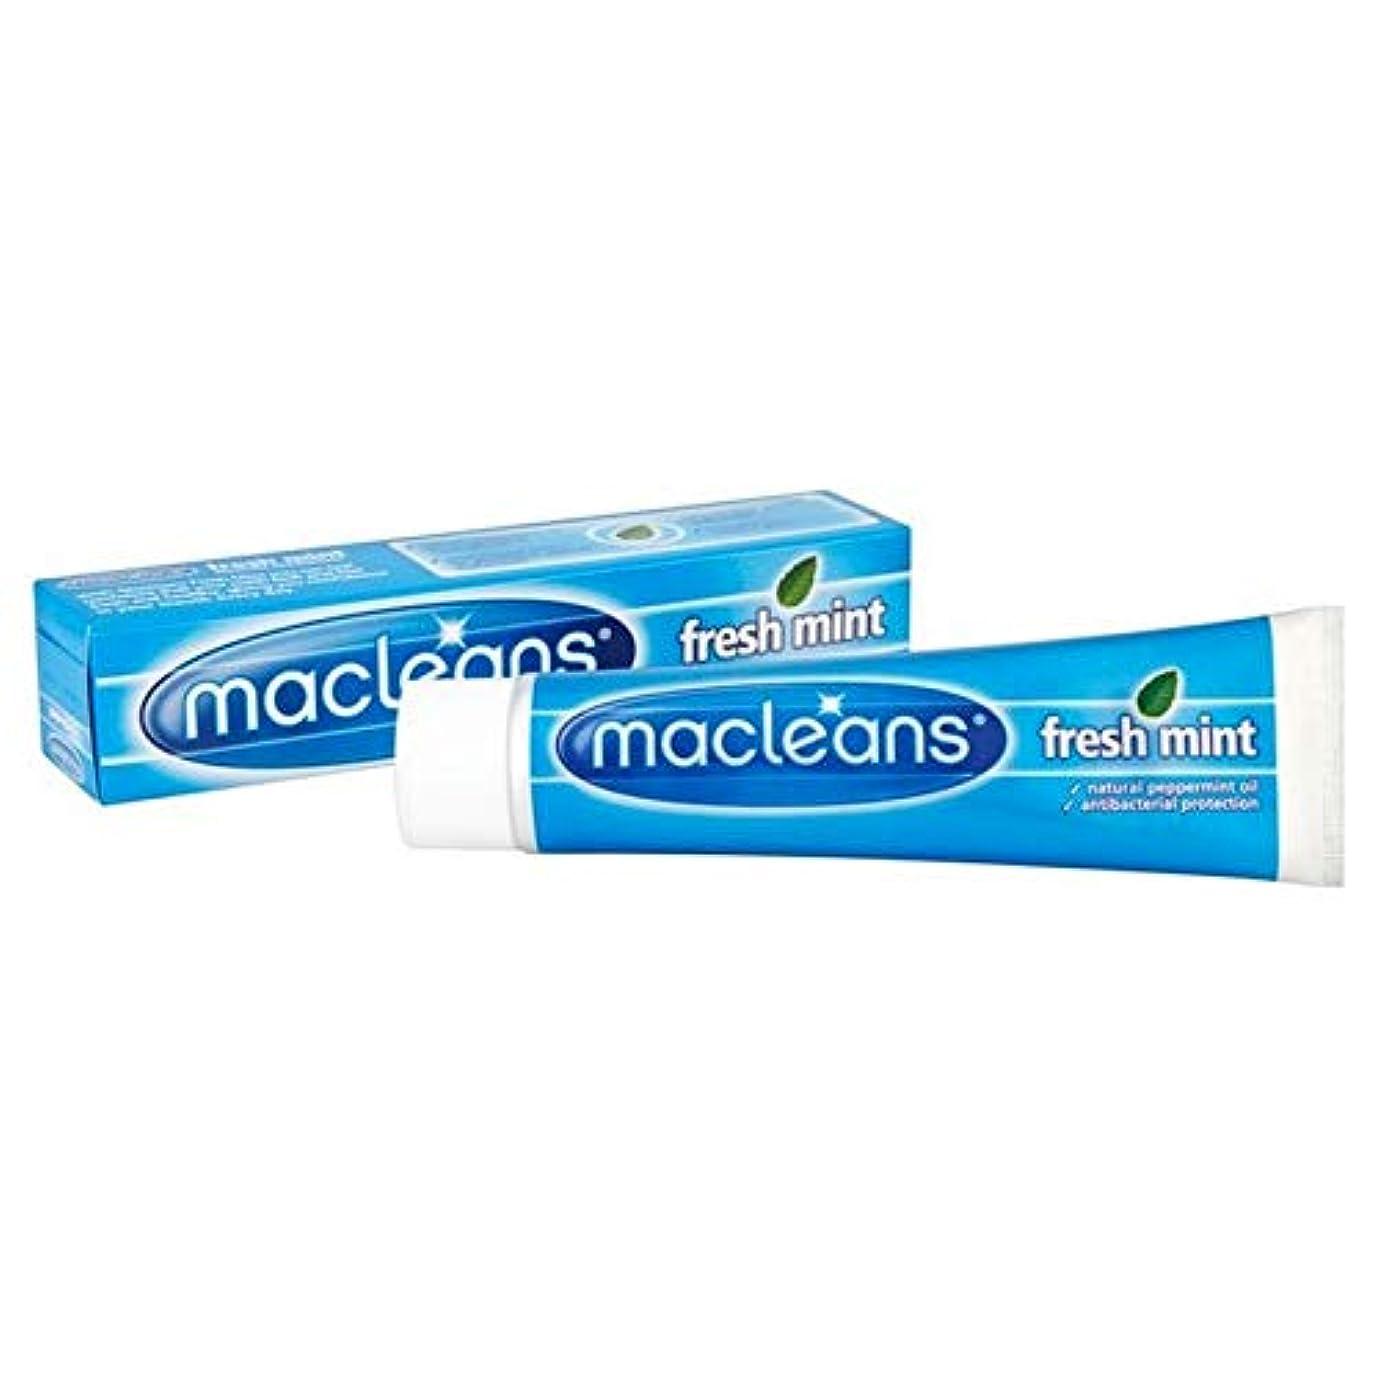 羊の服を着た狼どのくらいの頻度で樹木[Macleans] Macleansフレッシュミントの歯磨き粉の100ミリリットル - Macleans Fresh Mint Toothpaste 100ml [並行輸入品]